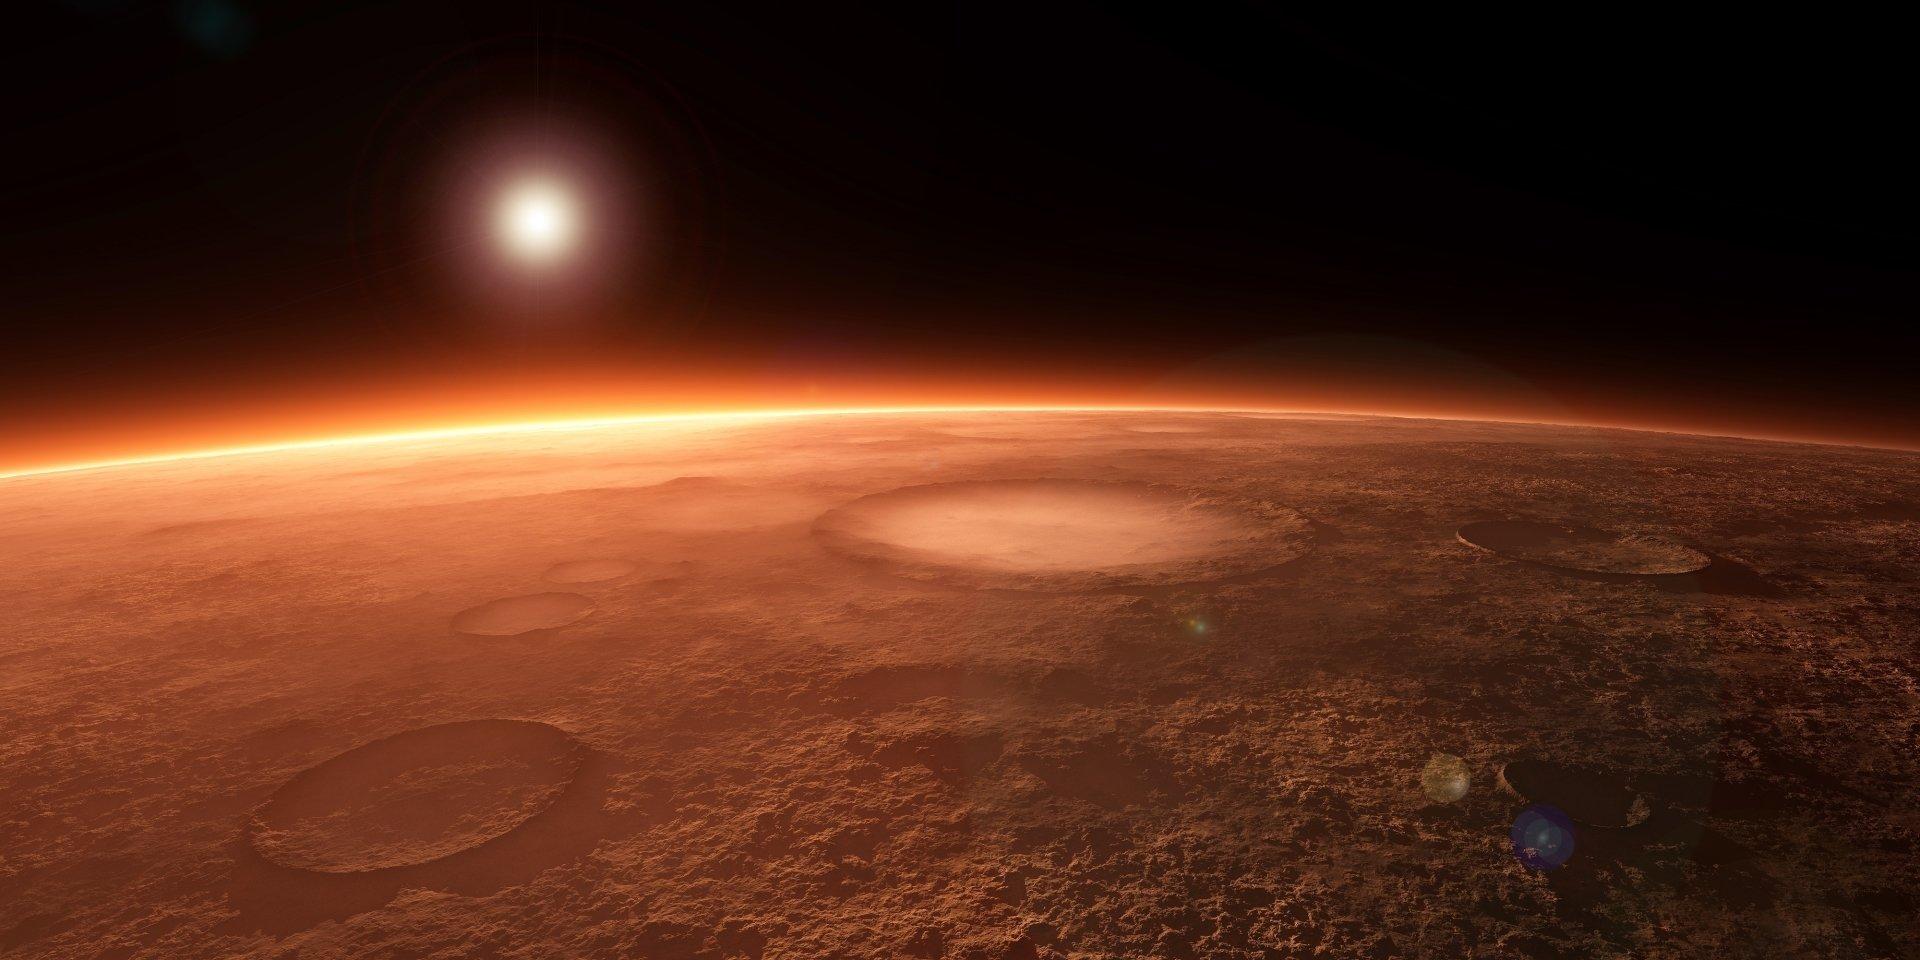 科幻 - Mars  太阳 行星表面 星球 Crater 壁纸